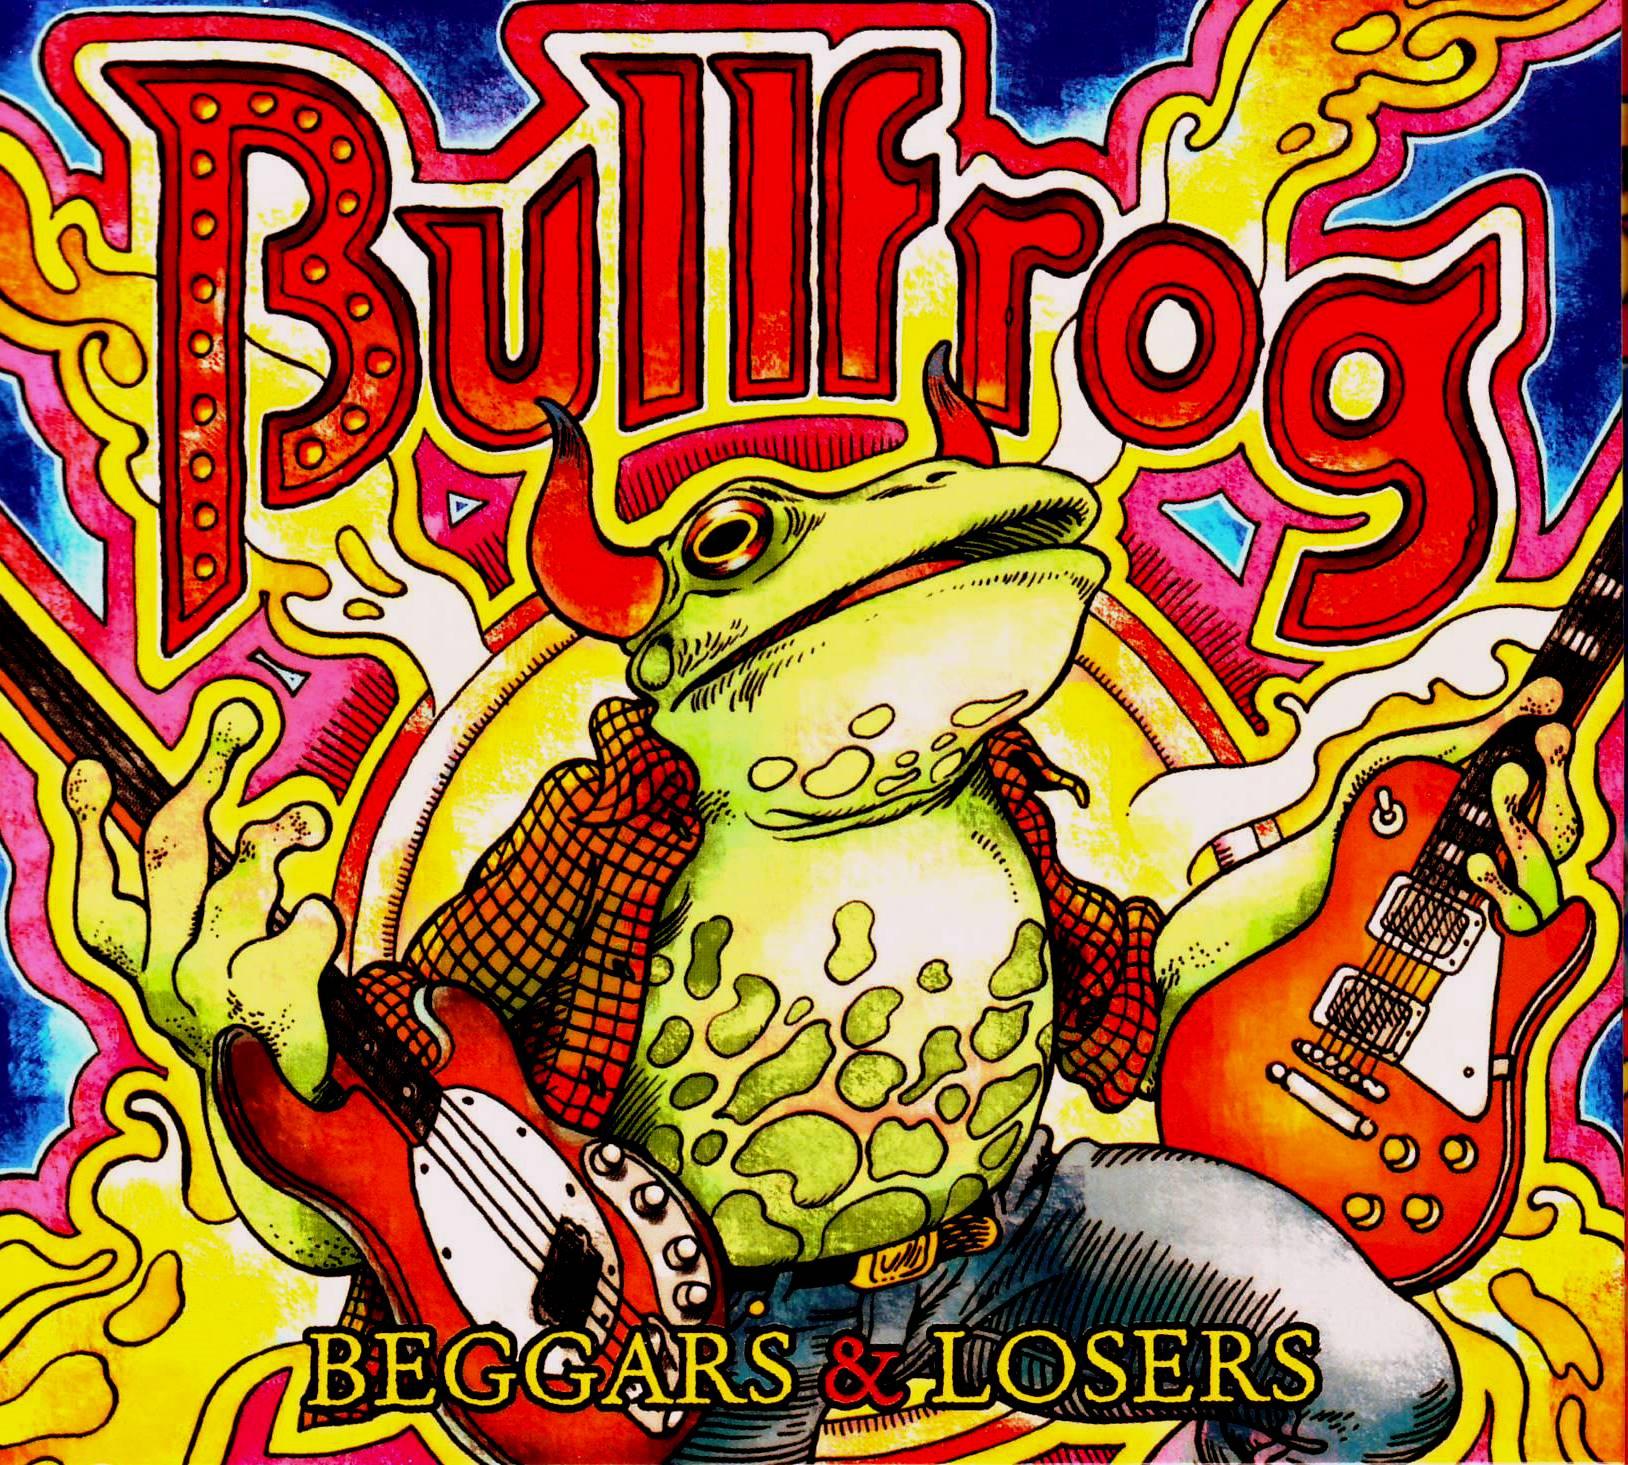 Bullfrog – Beggars & Losers